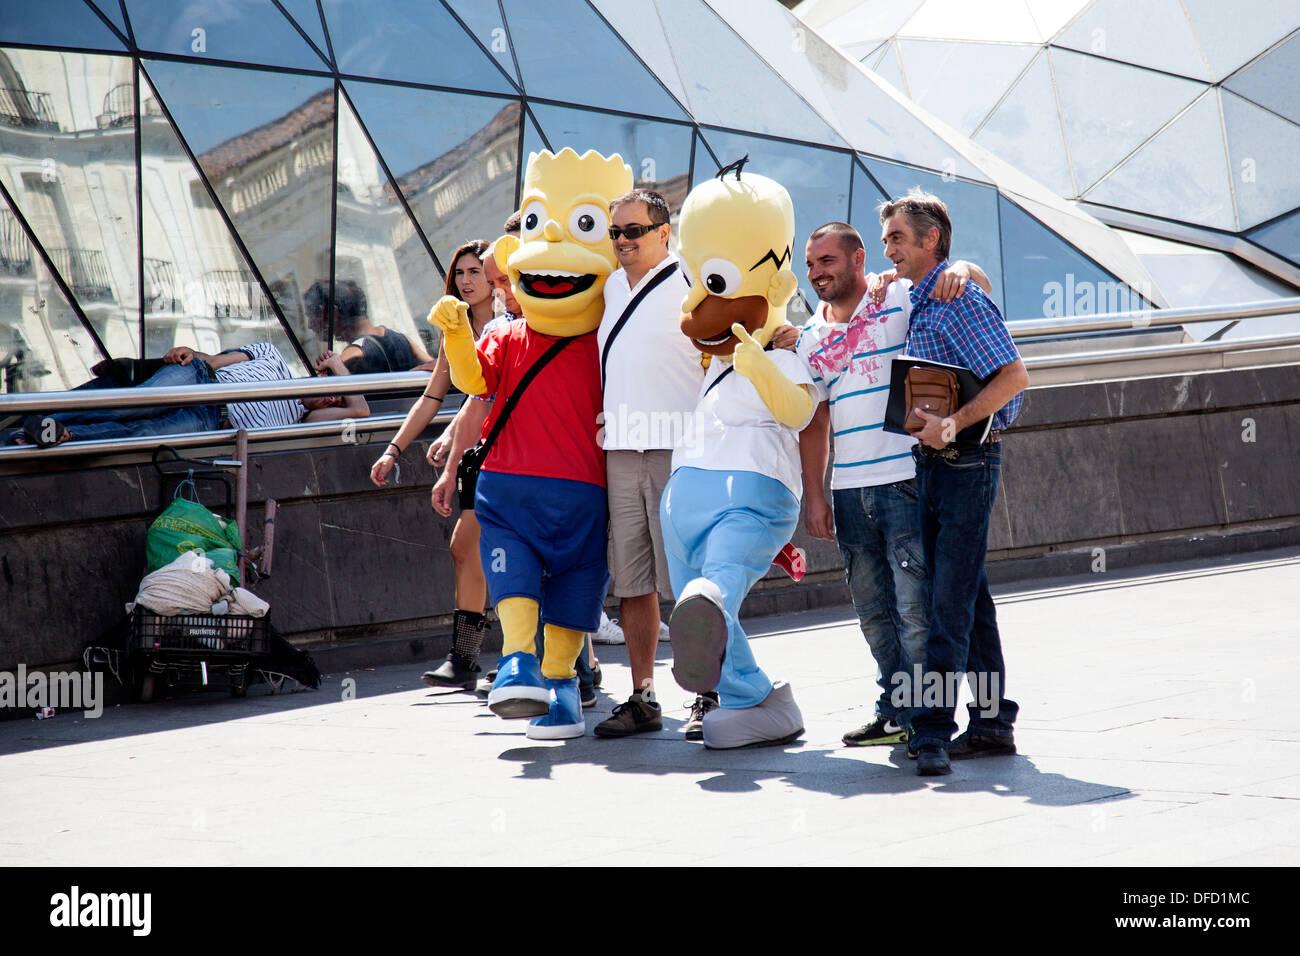 Tourist posent avec artiste de rue, comme les Simpsons dans la Puerta del Sol, Madrid, Espagne Banque D'Images